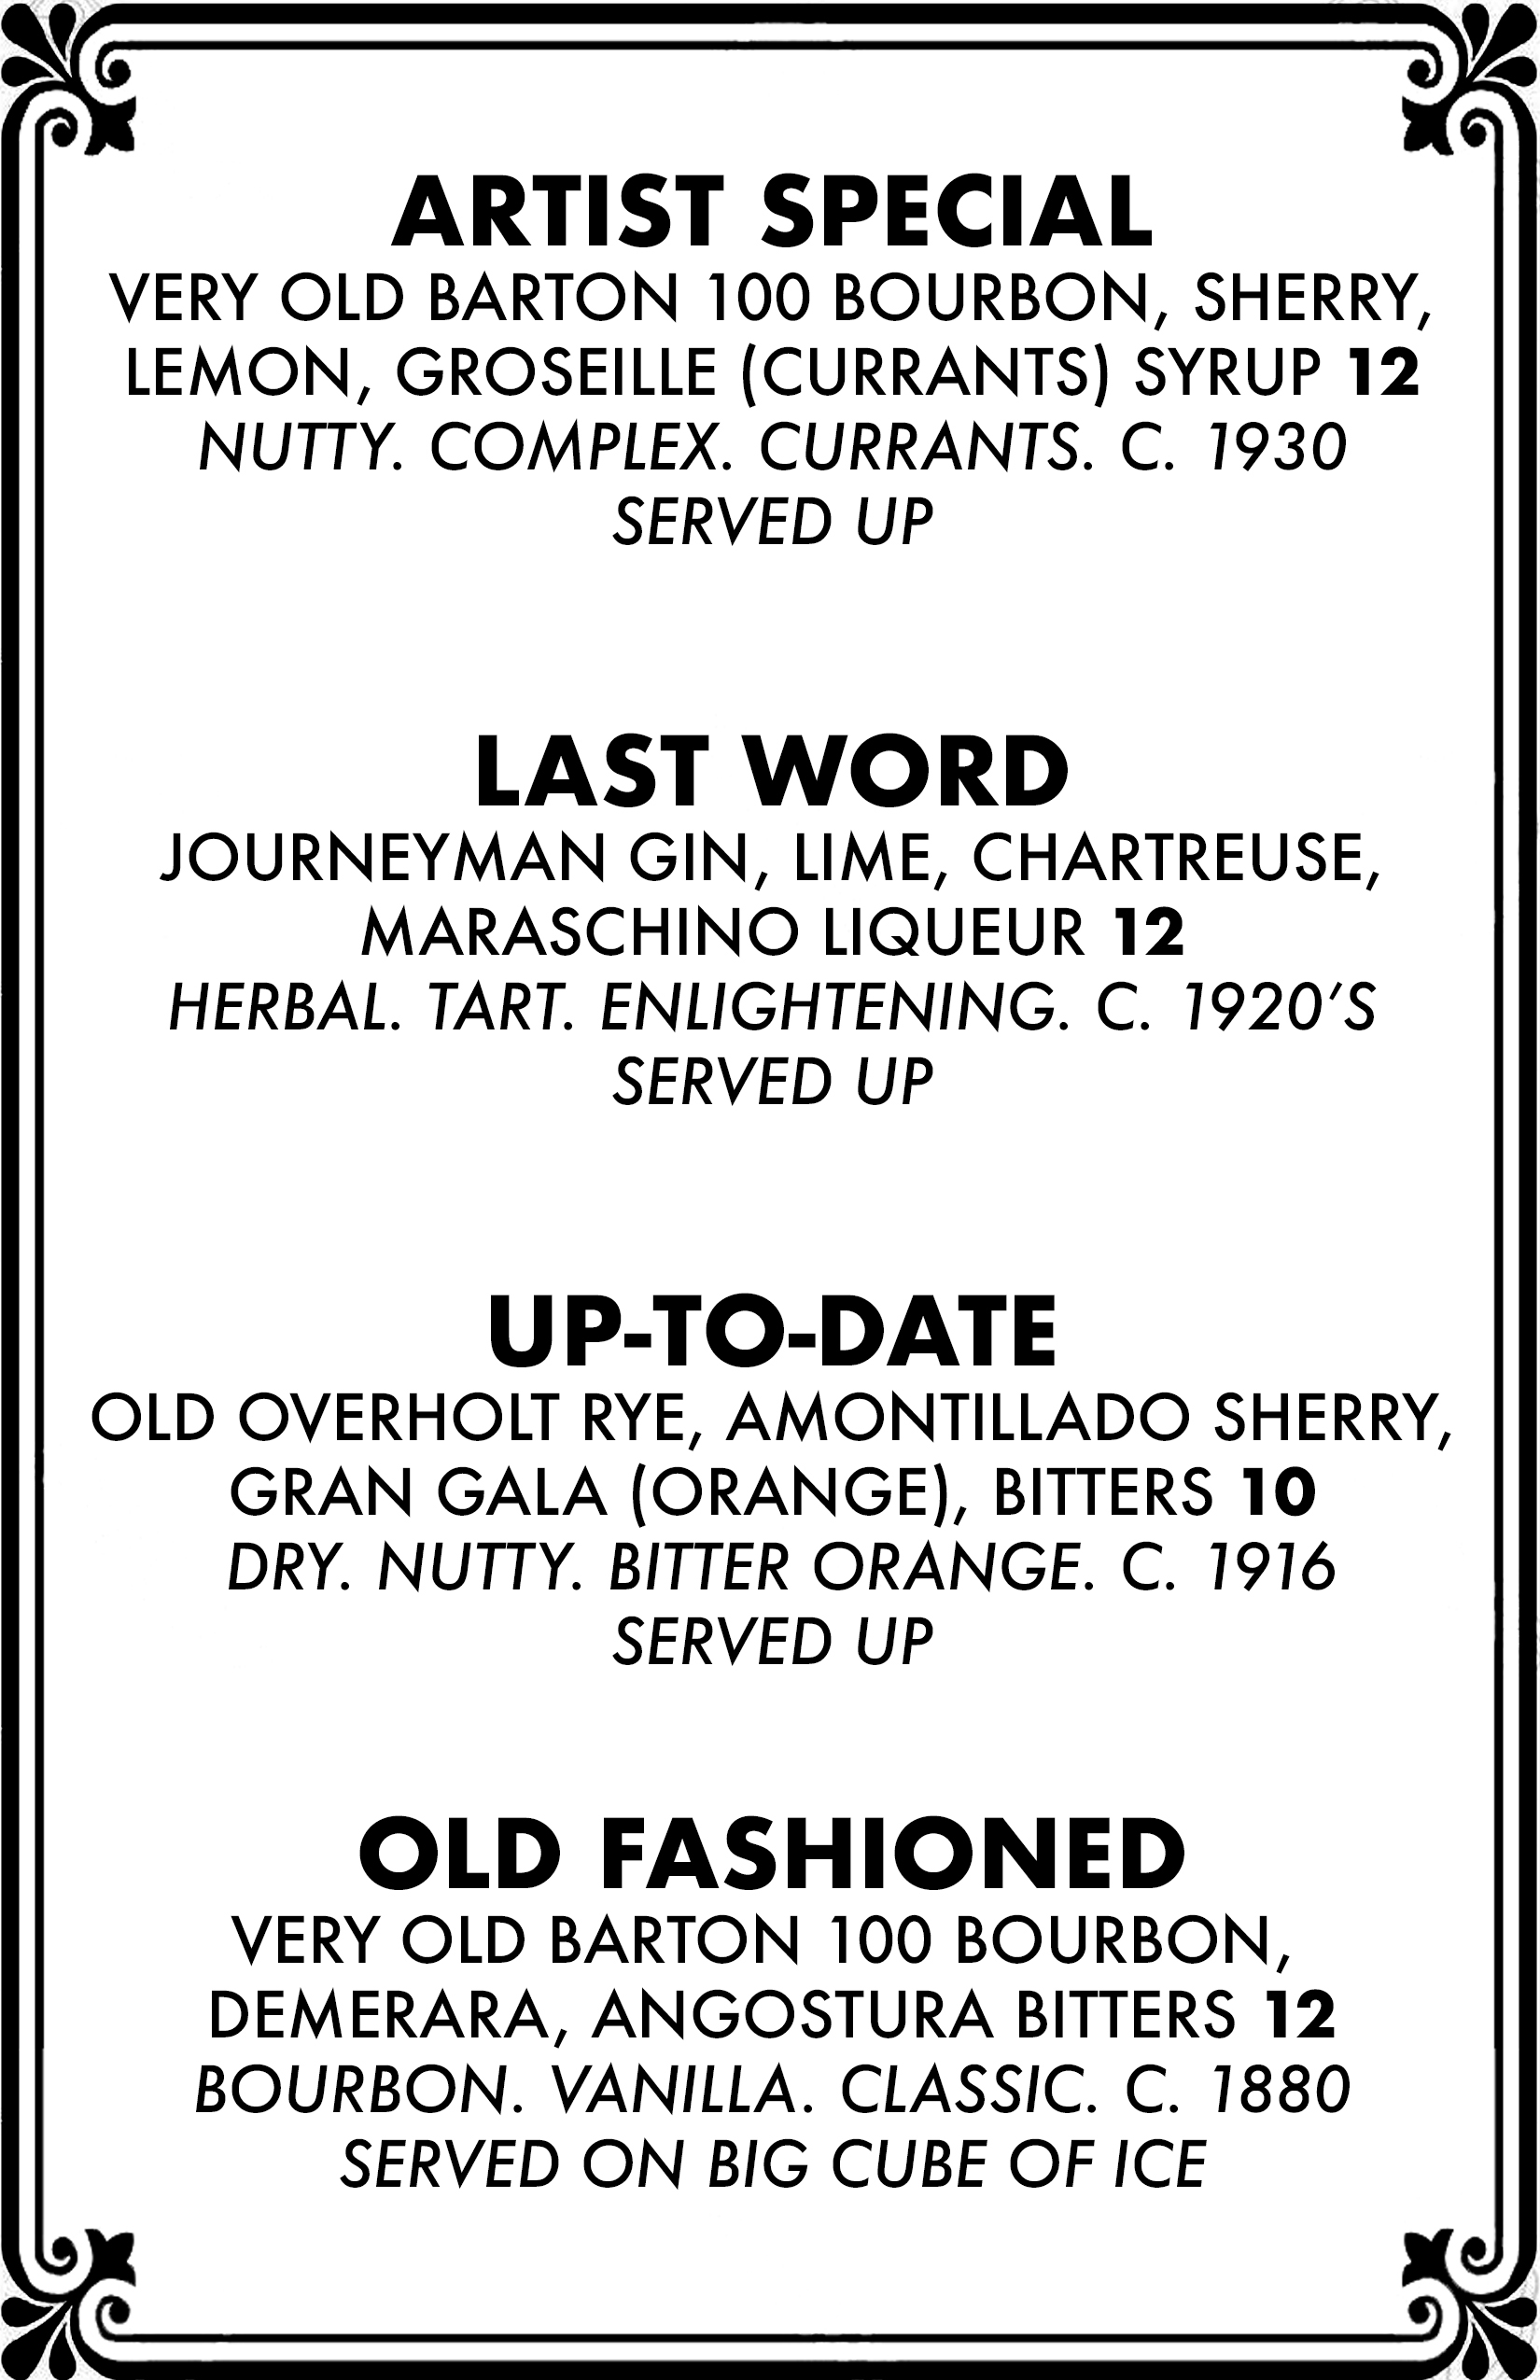 Cocktail menu 3 of 4